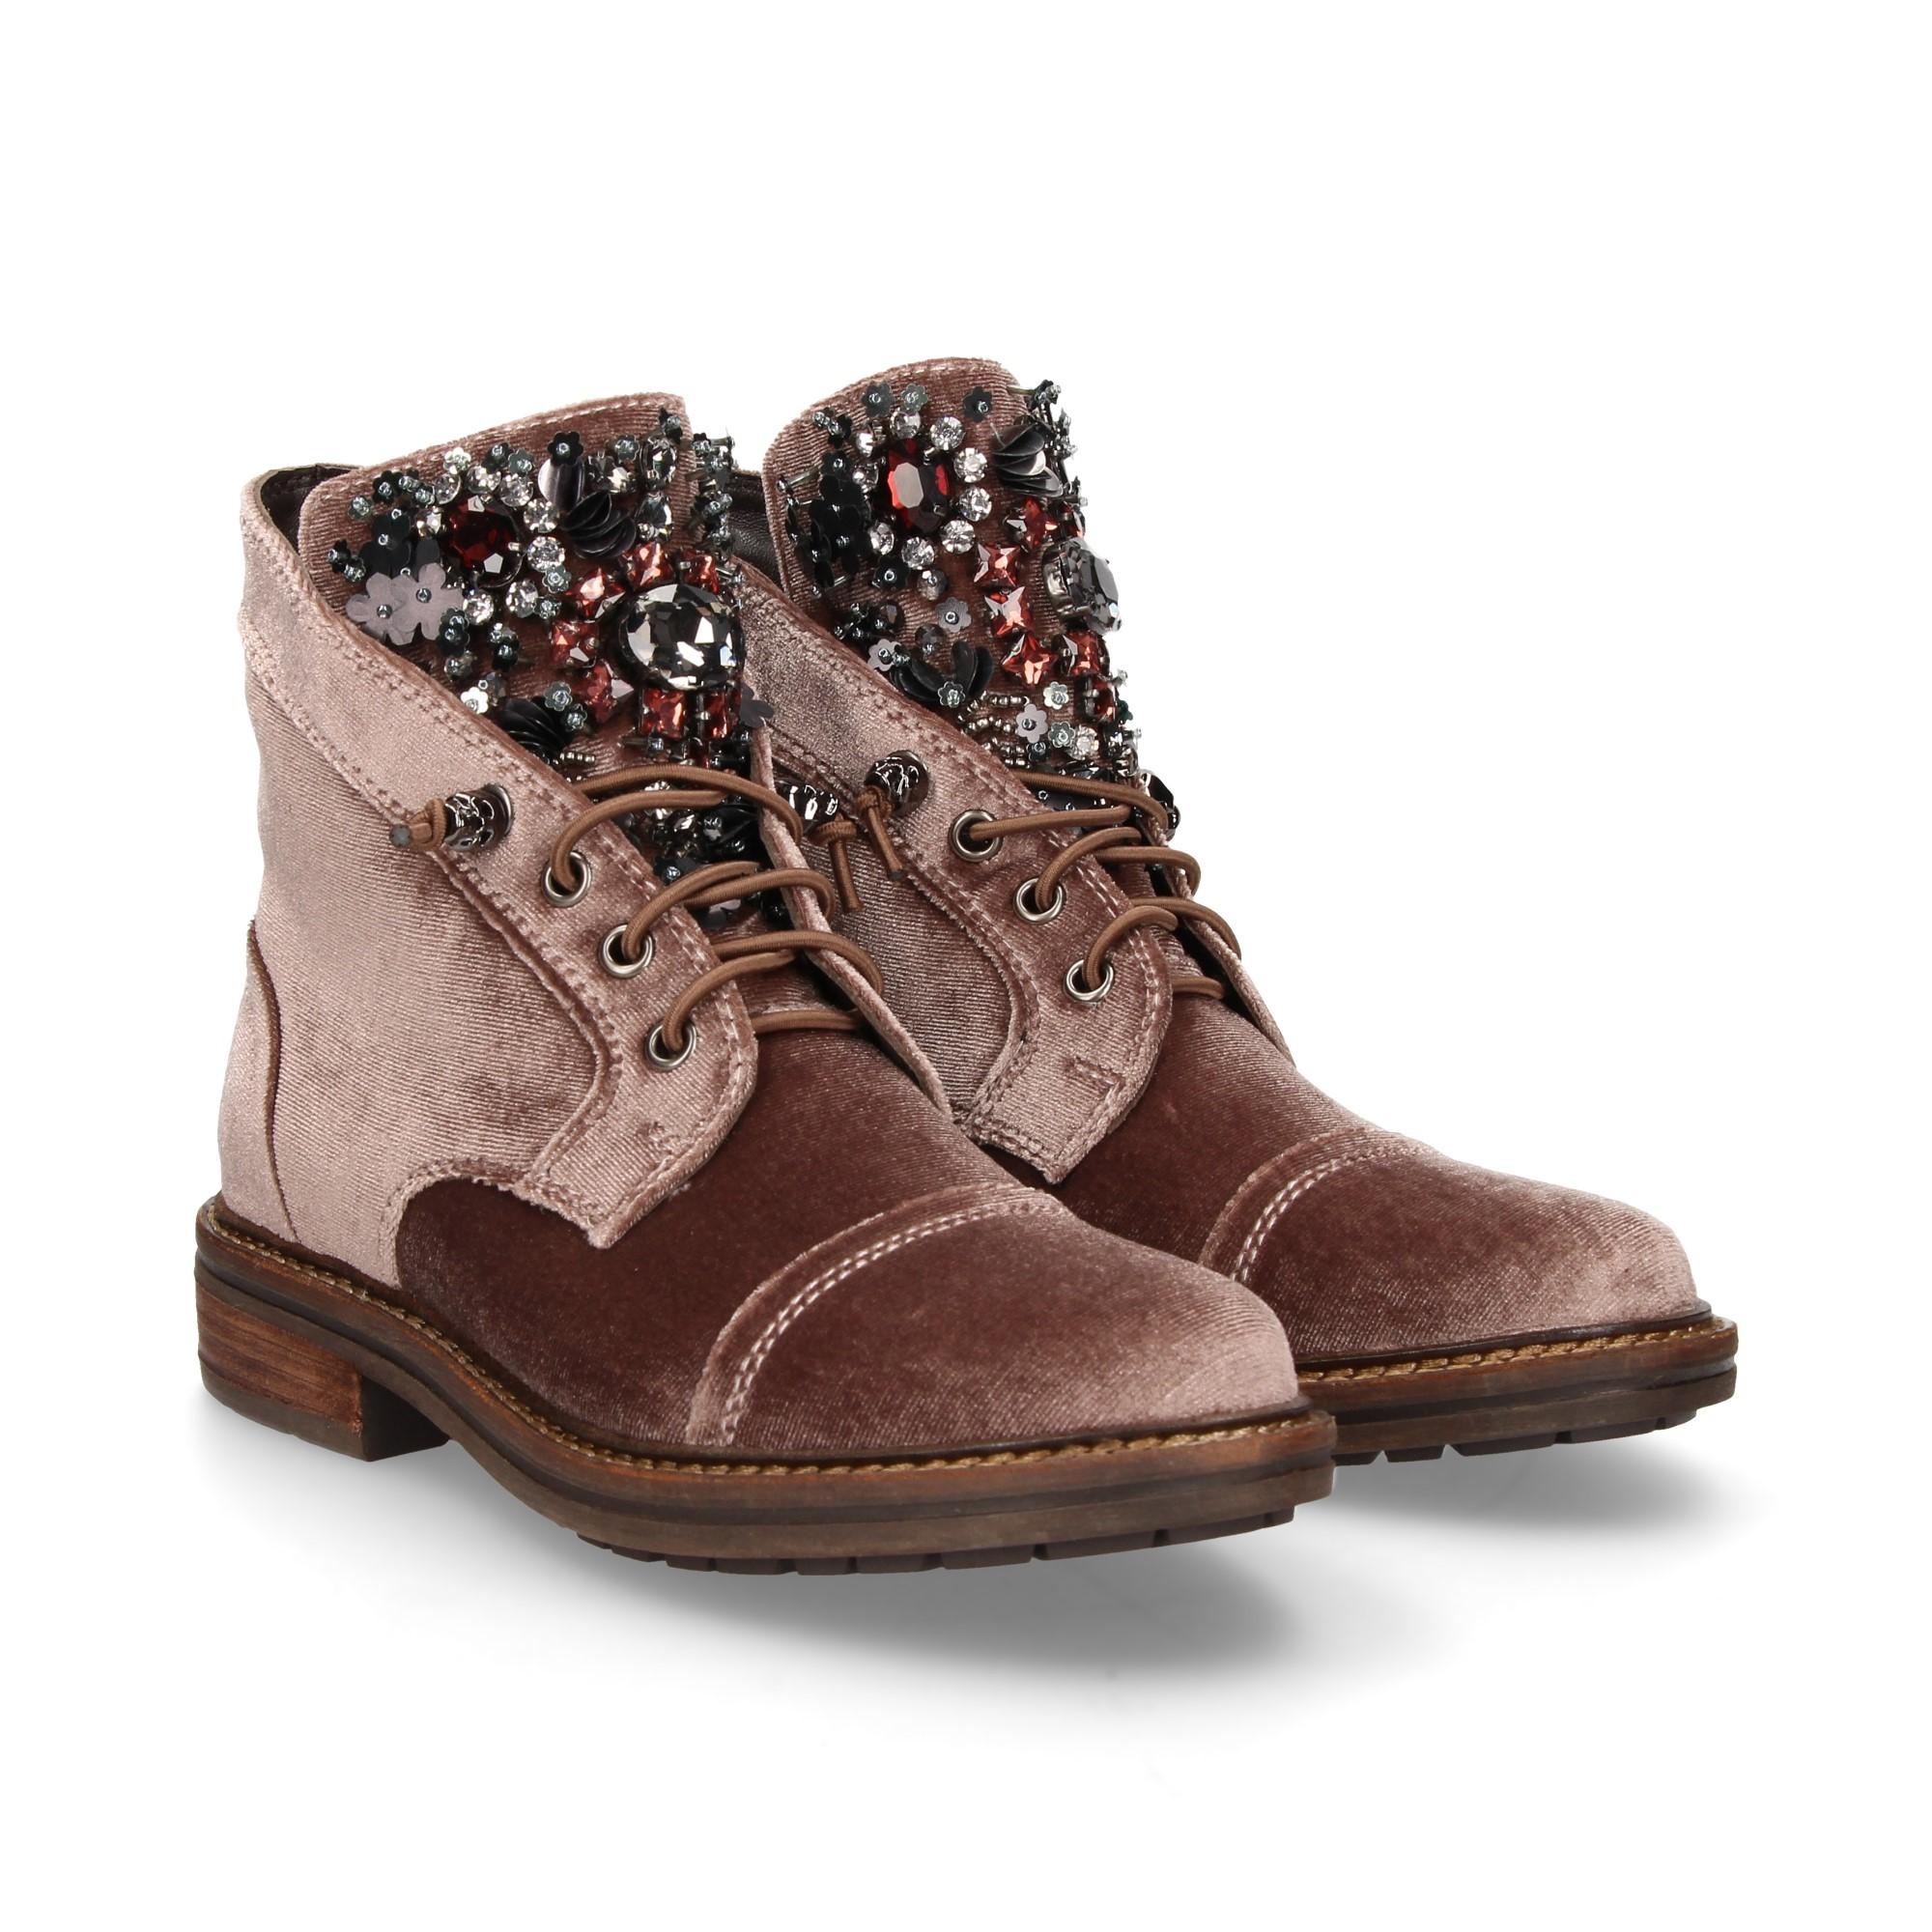 a733db99f ALMA EN PENA Women s flat ankle boots 399 NUDE